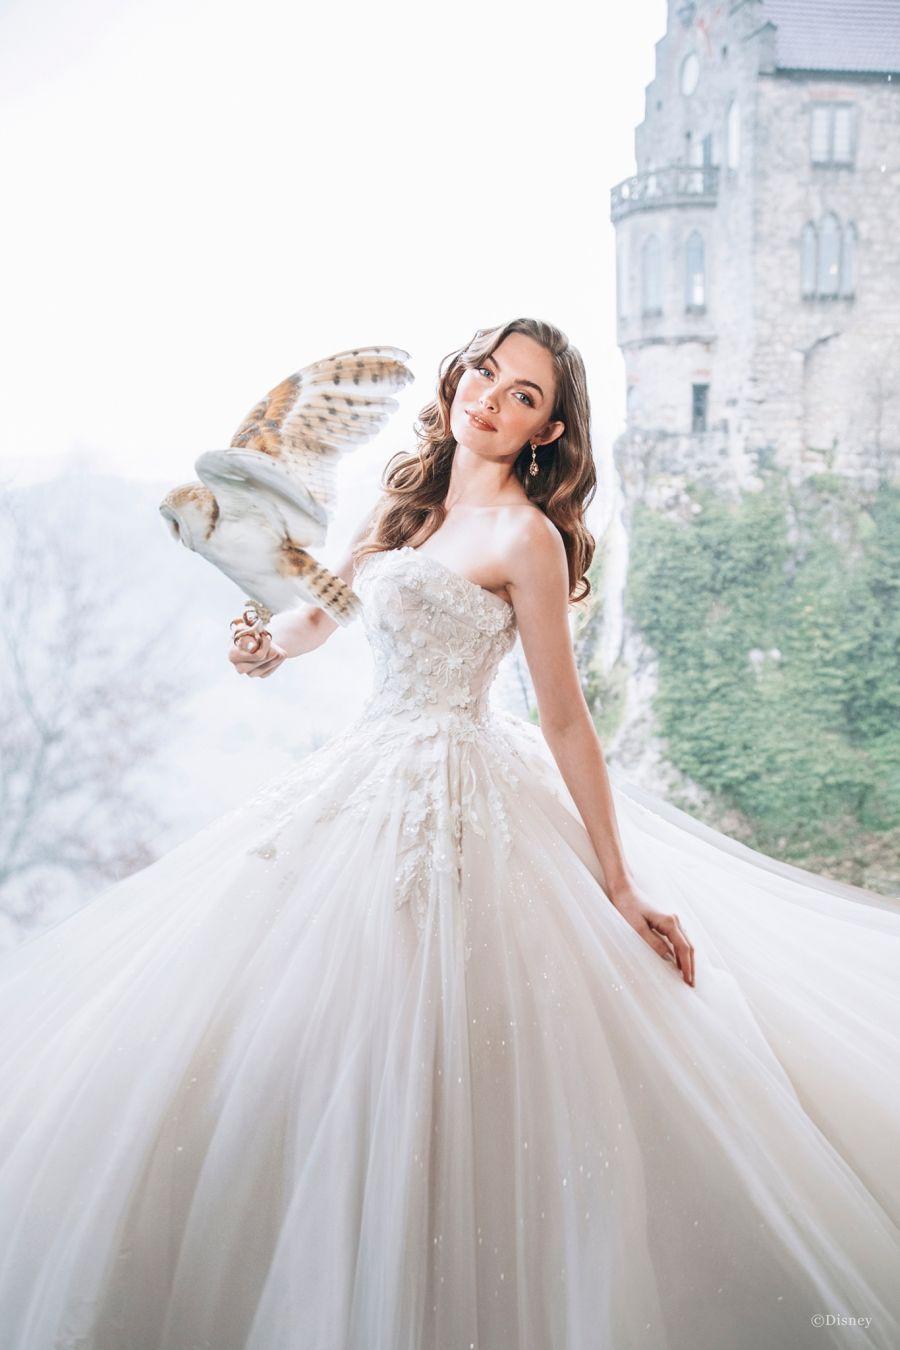 Style Dp251 Aurora Allure Bridals Disney Wedding Dresses Allure Bridal Wedding Dress Inspiration [ 1350 x 900 Pixel ]